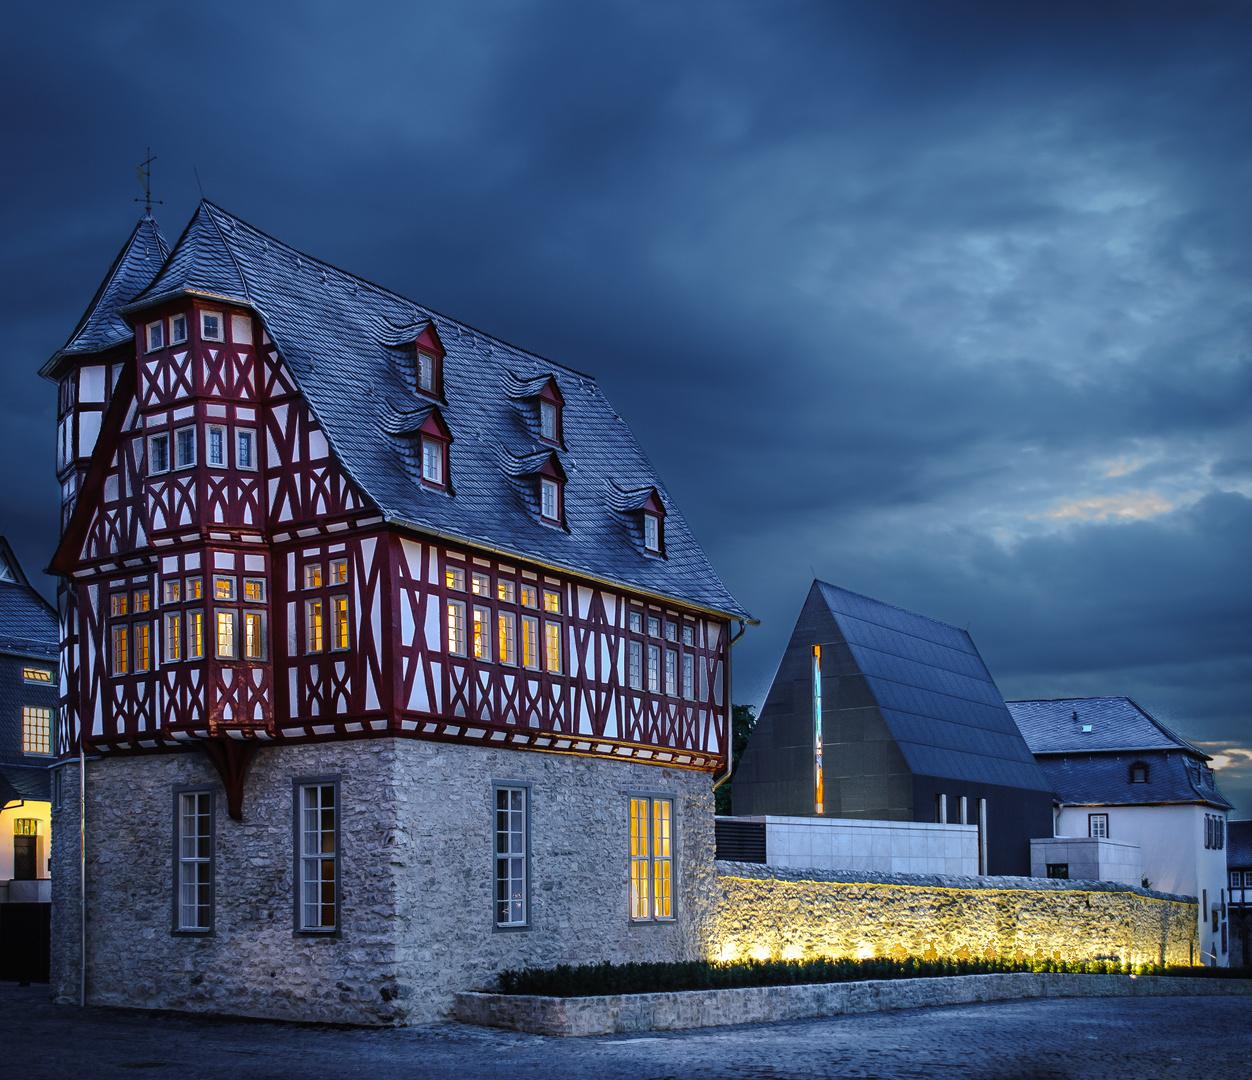 Dunkle Wolken über dem Bischofssitz in Limburg